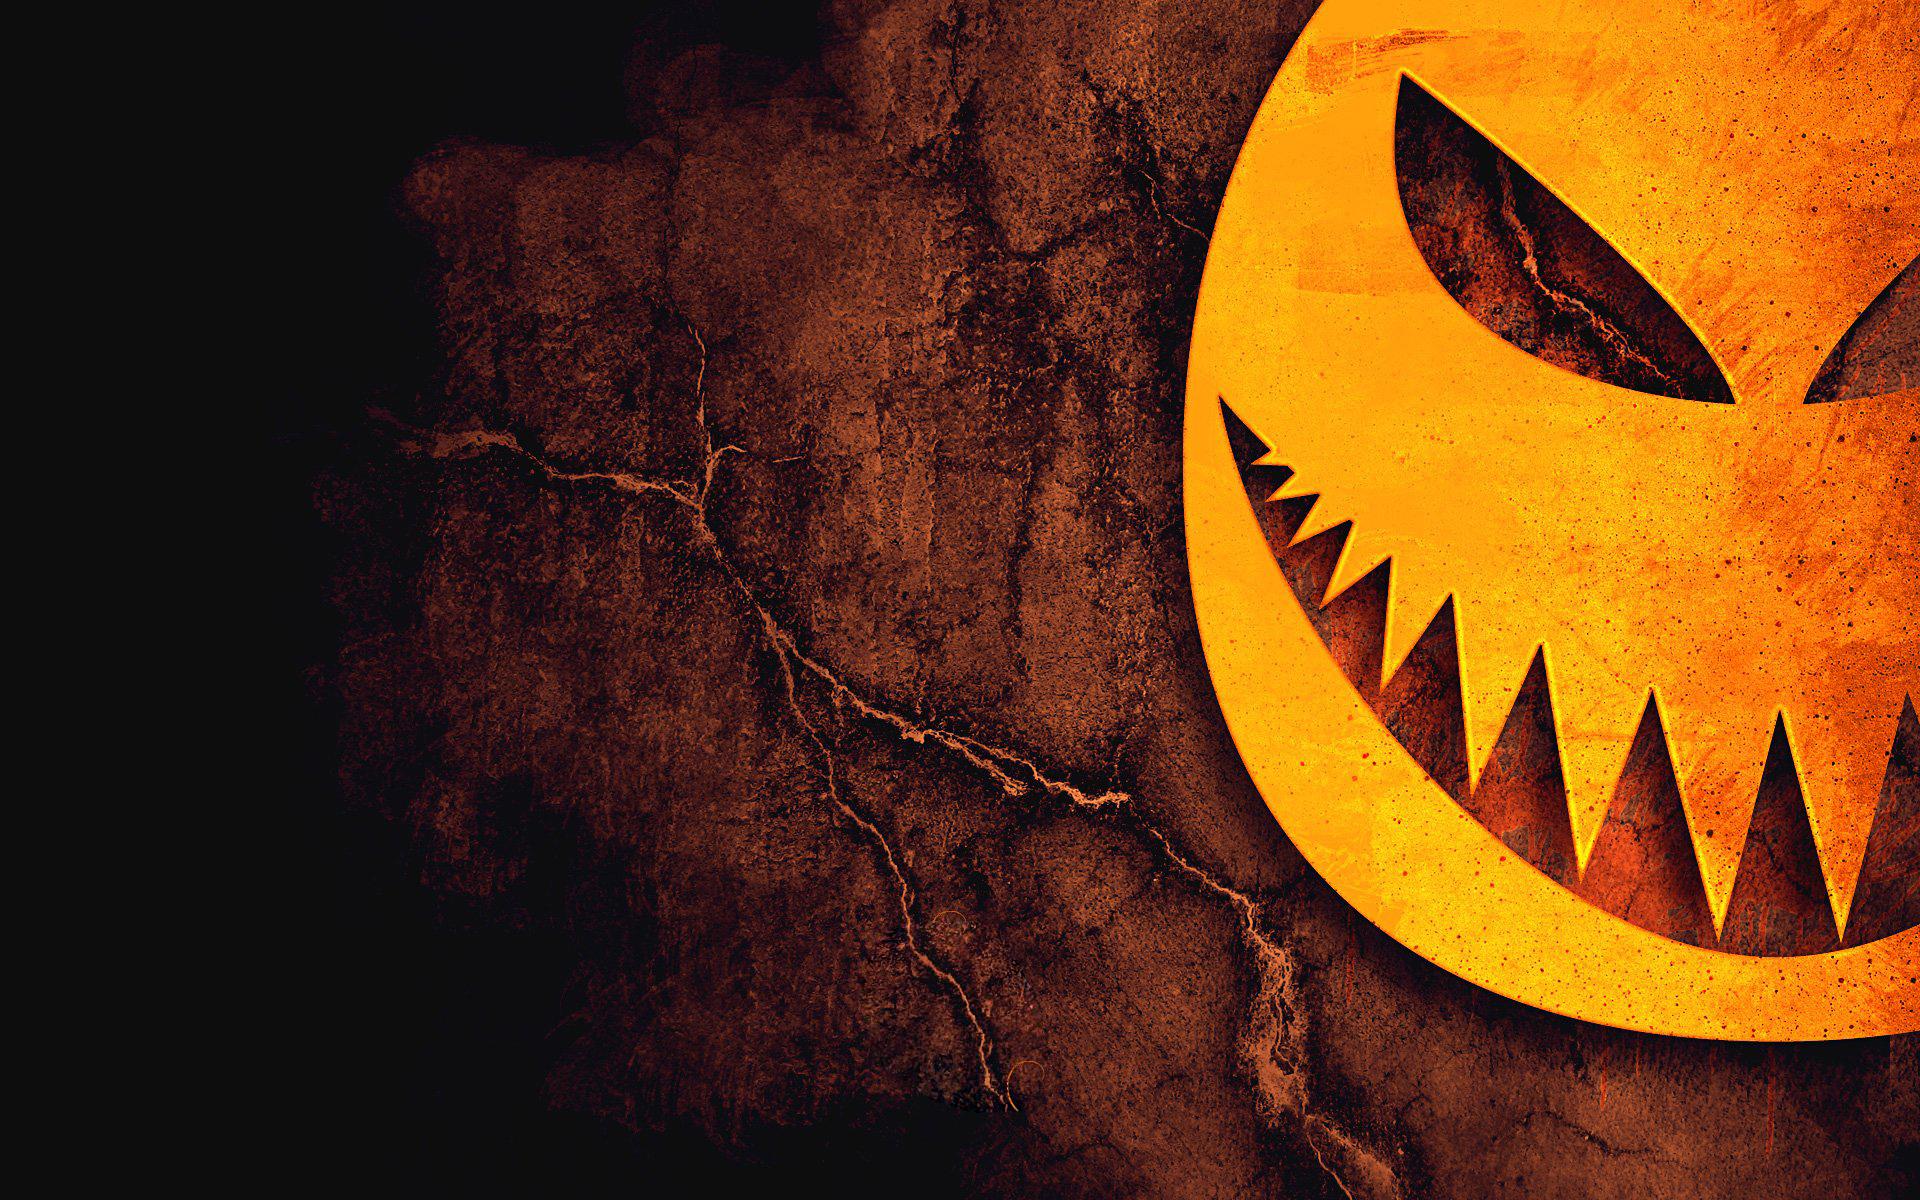 Halloween Image download